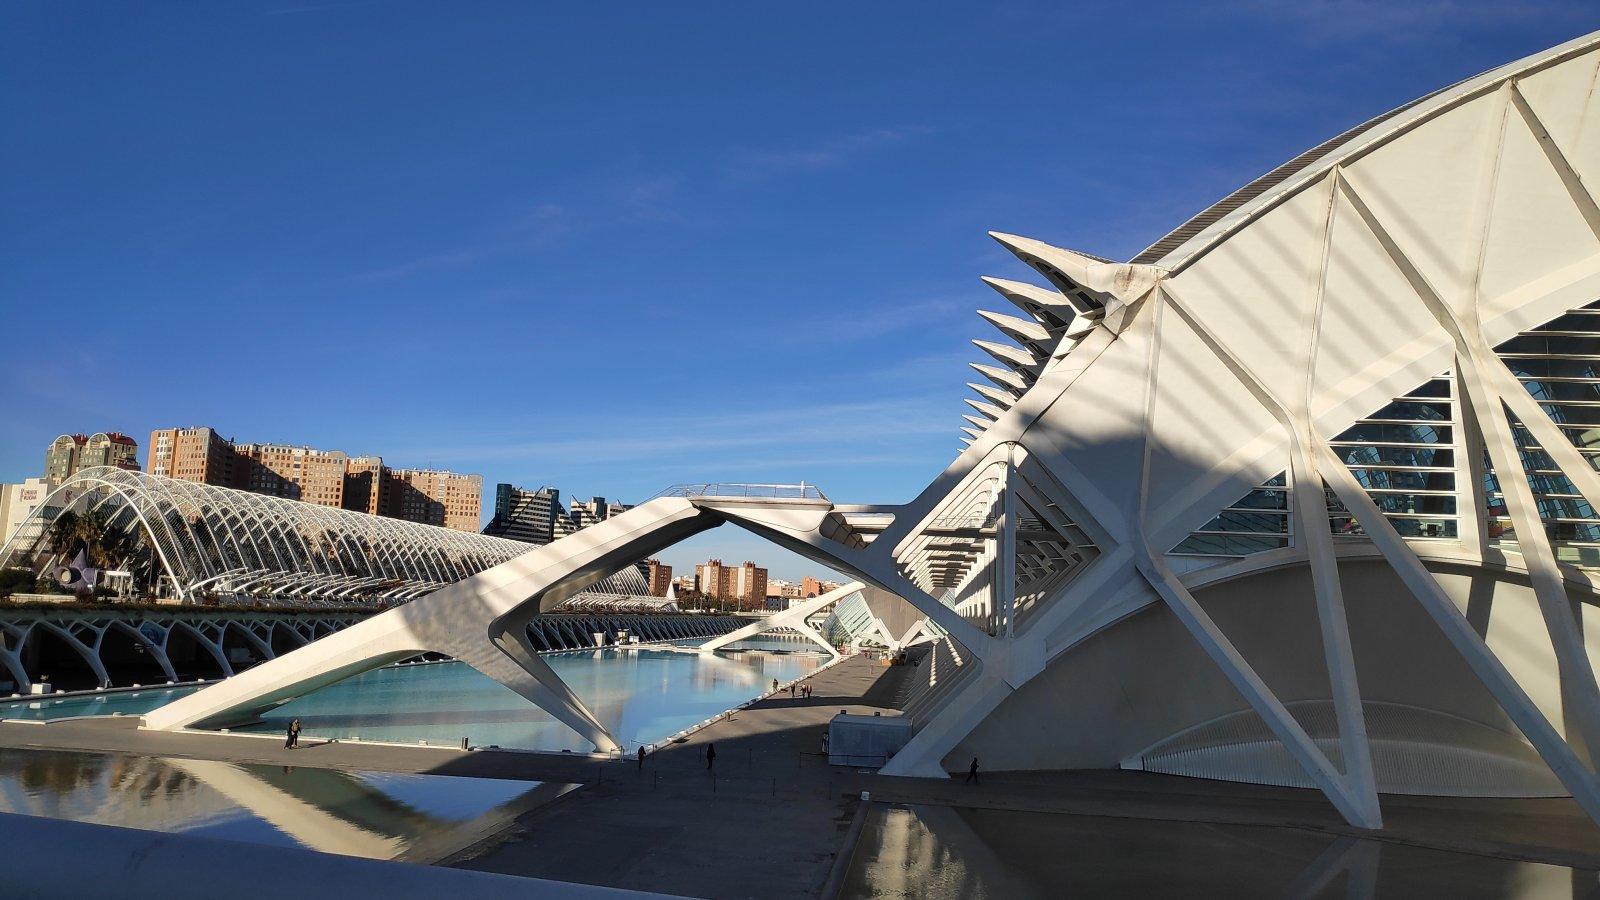 Город Искусств и Наук — архитектурное чудо Валенсии. Праздник Фальяс